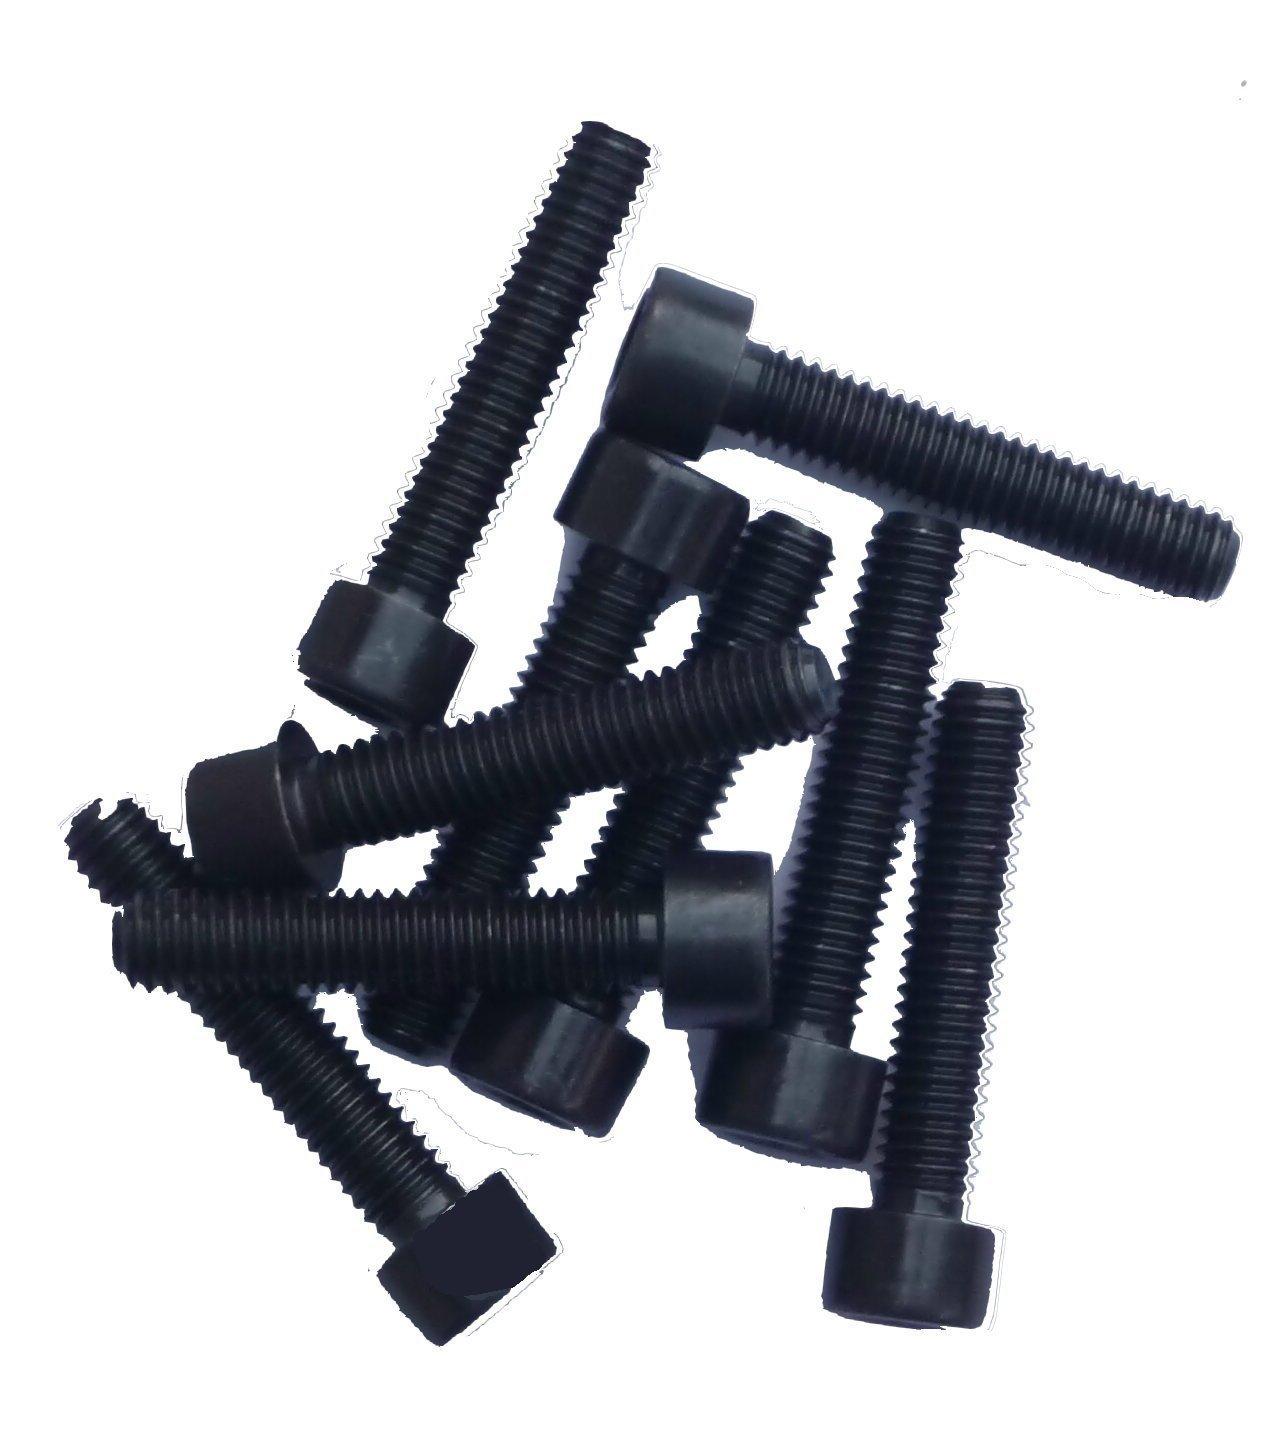 schwarz blank M6x25 Zylinderschrauben mit Innensechskant DIN 912 Kl.12.9 25 St/ück